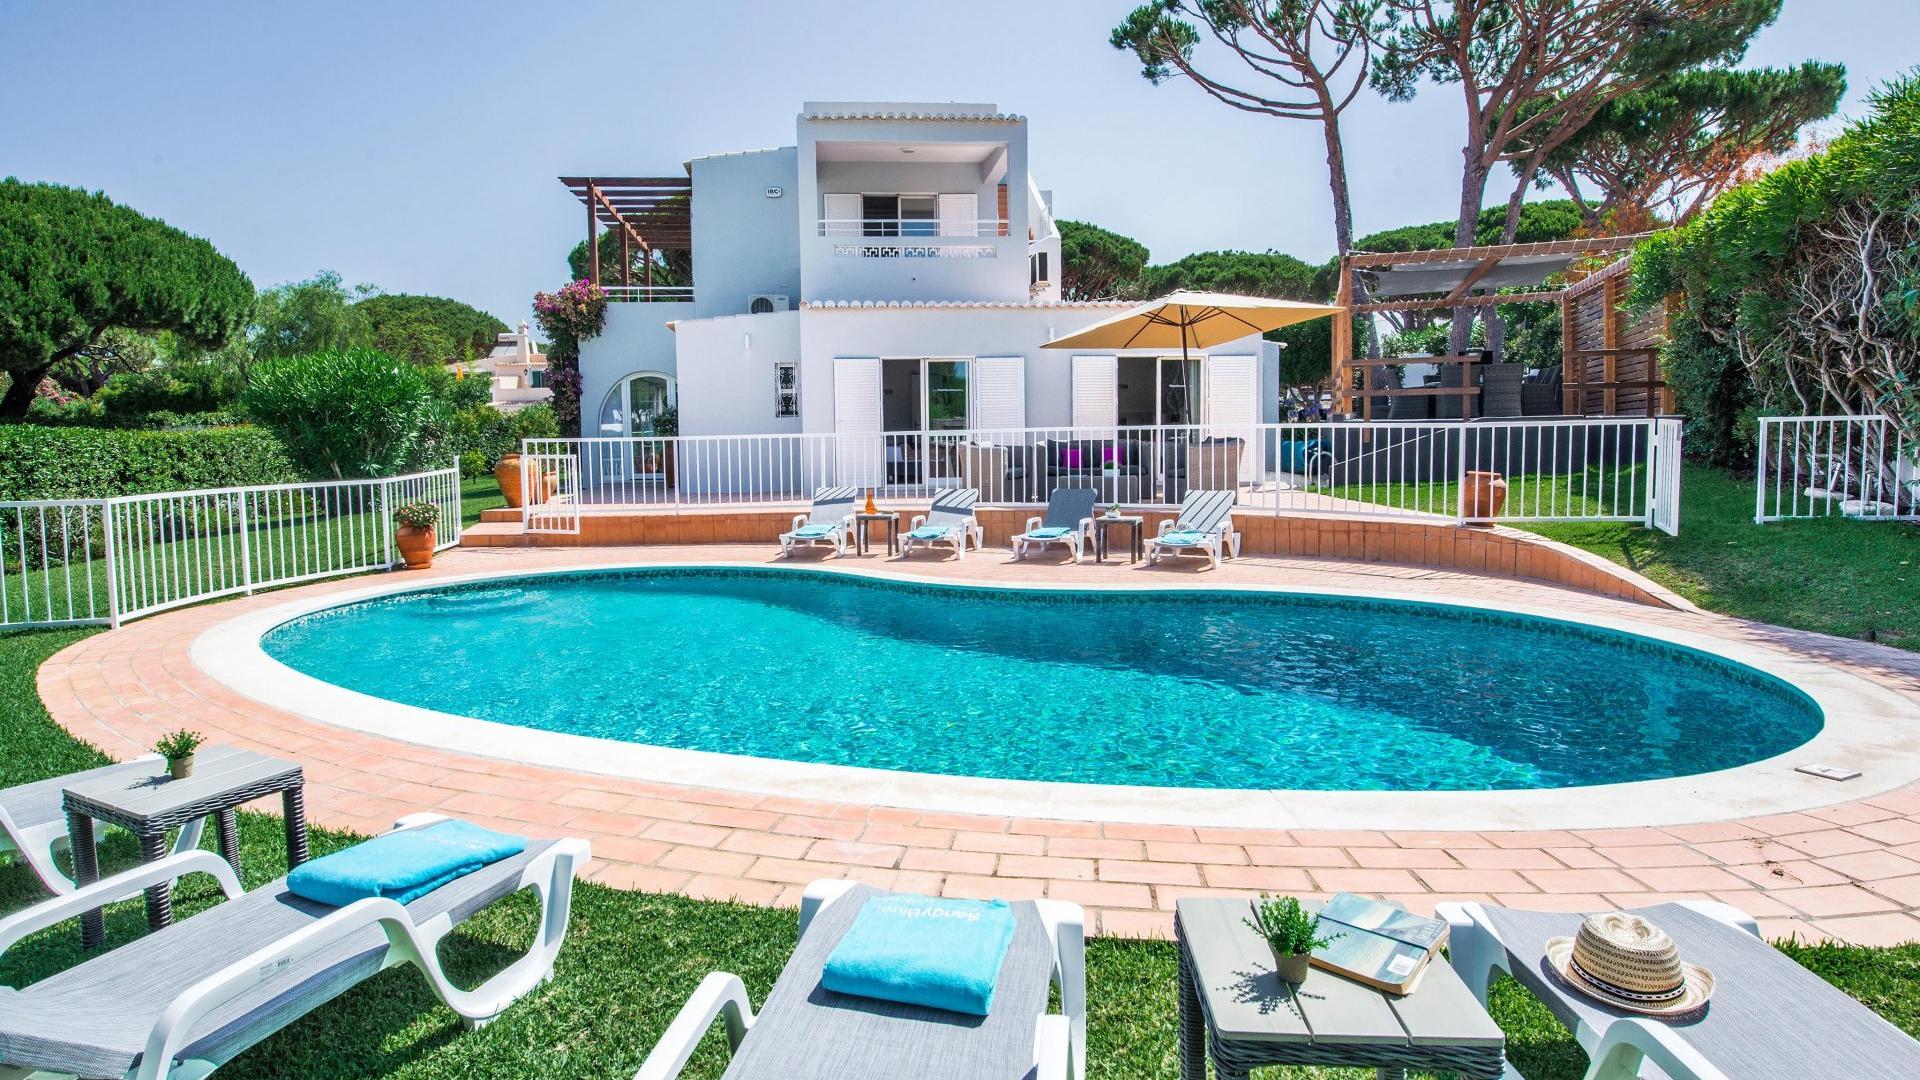 Villa Figo - Vale do Lobo, Algarve - Villa_Figo_1_1.jpg